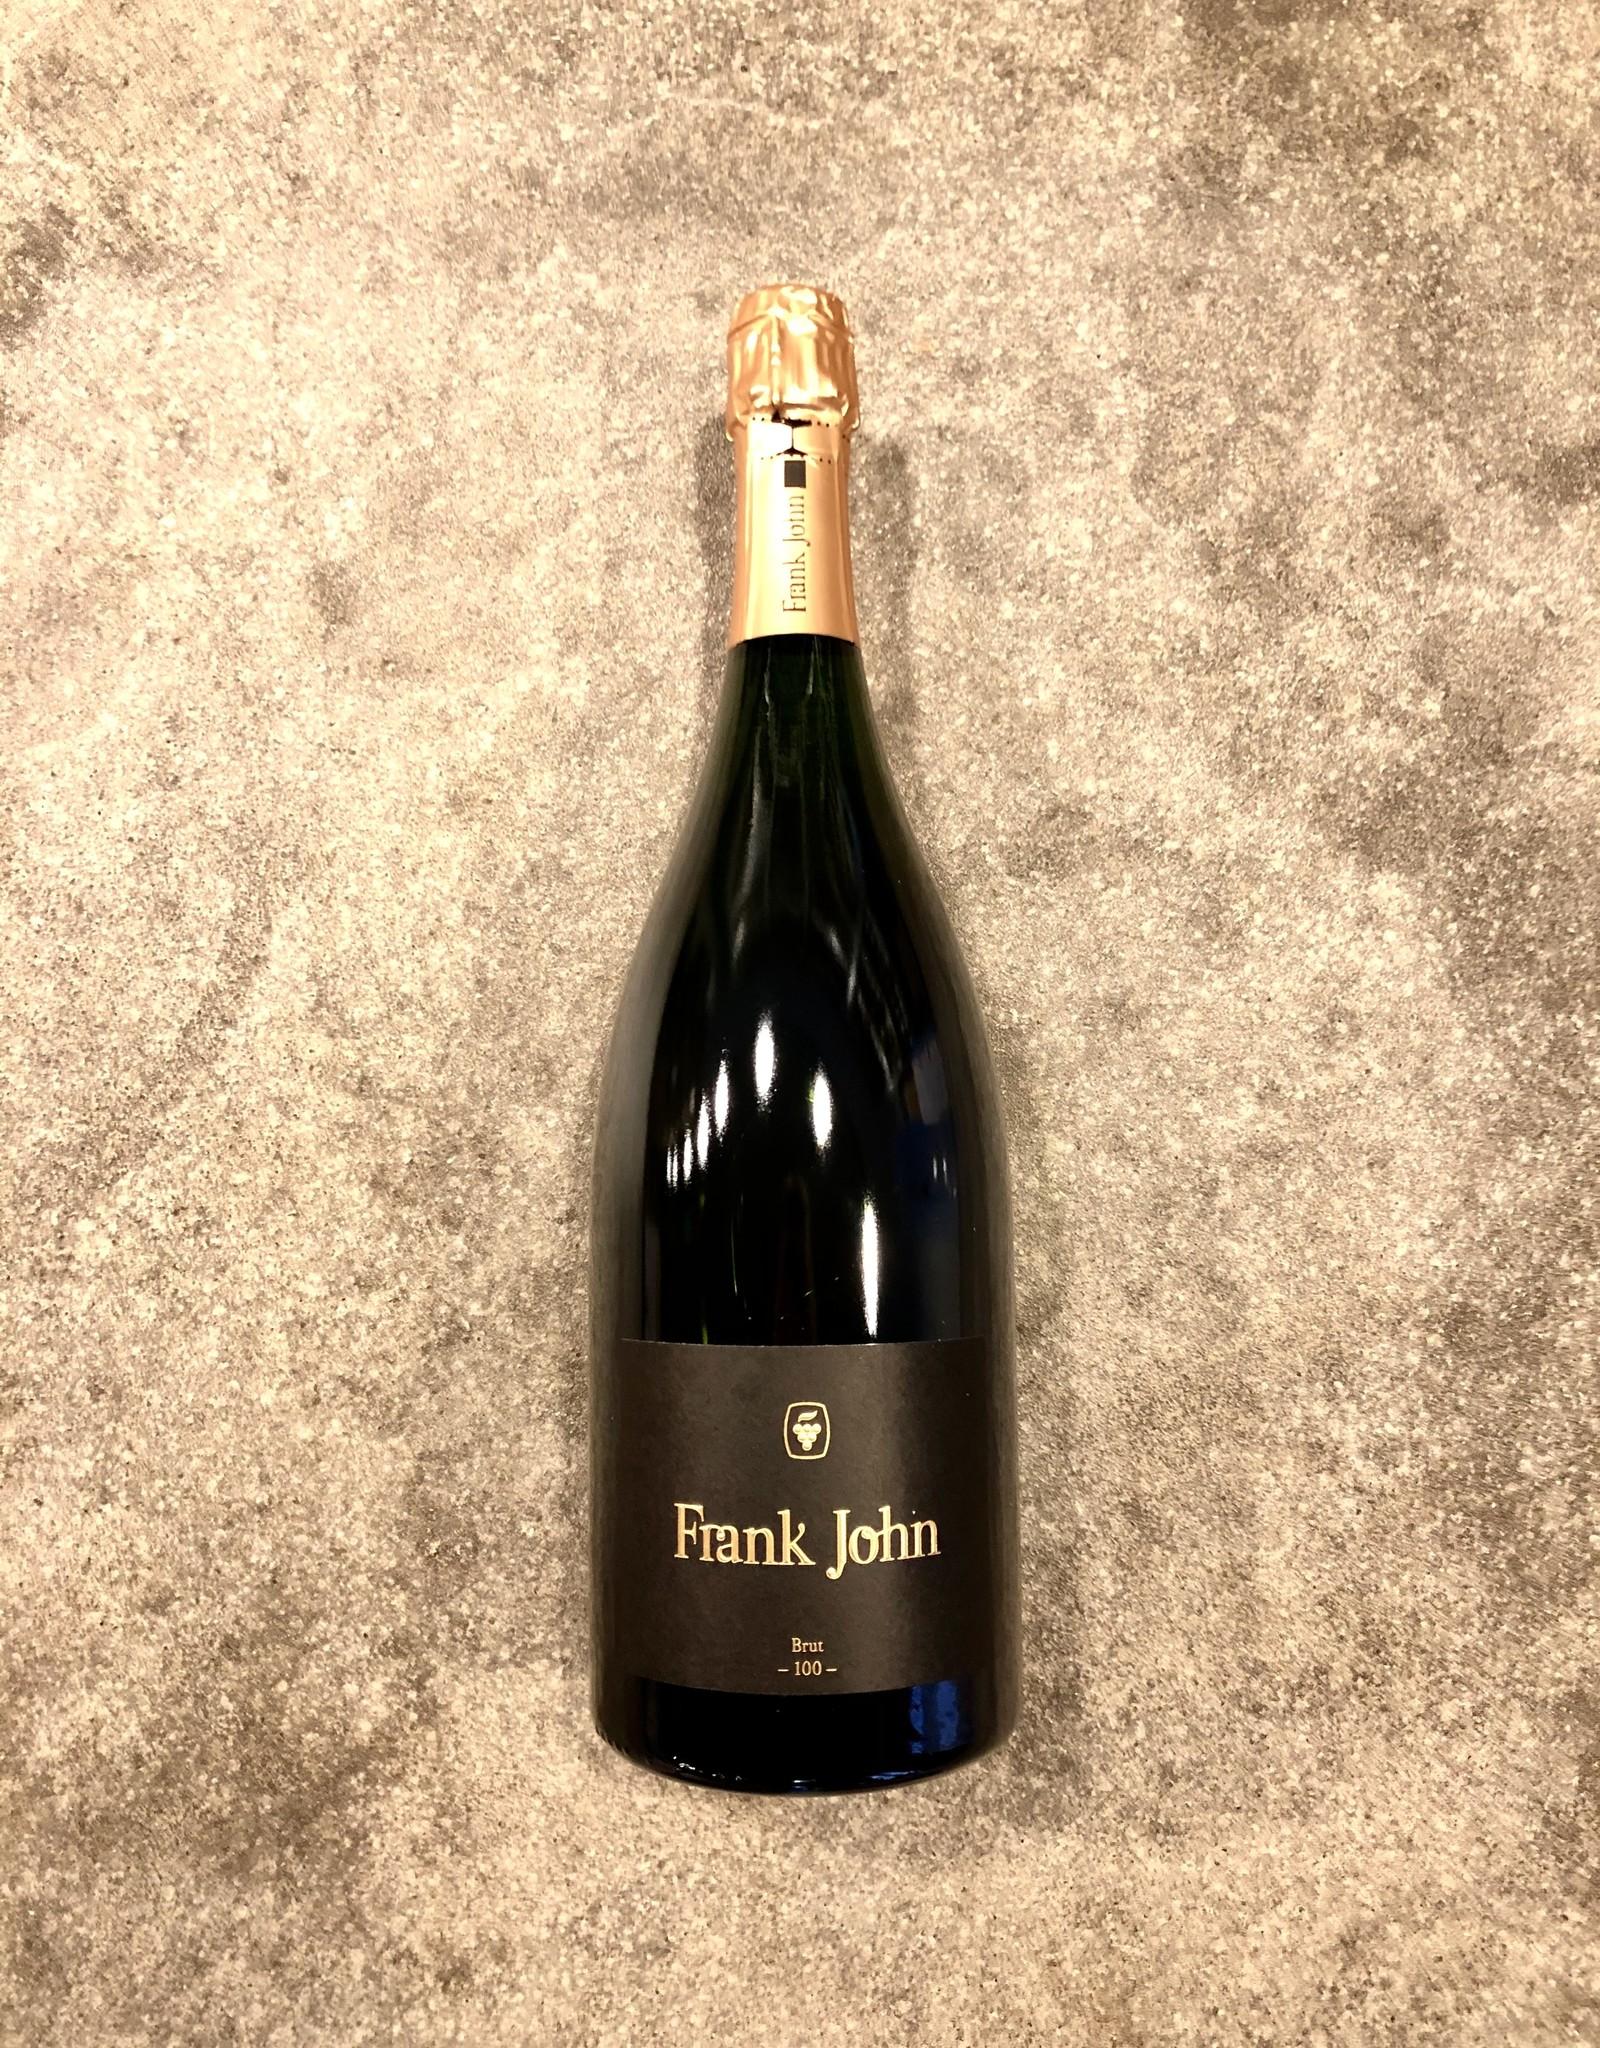 Frank John Magnum Riesling 2010 Brut 100